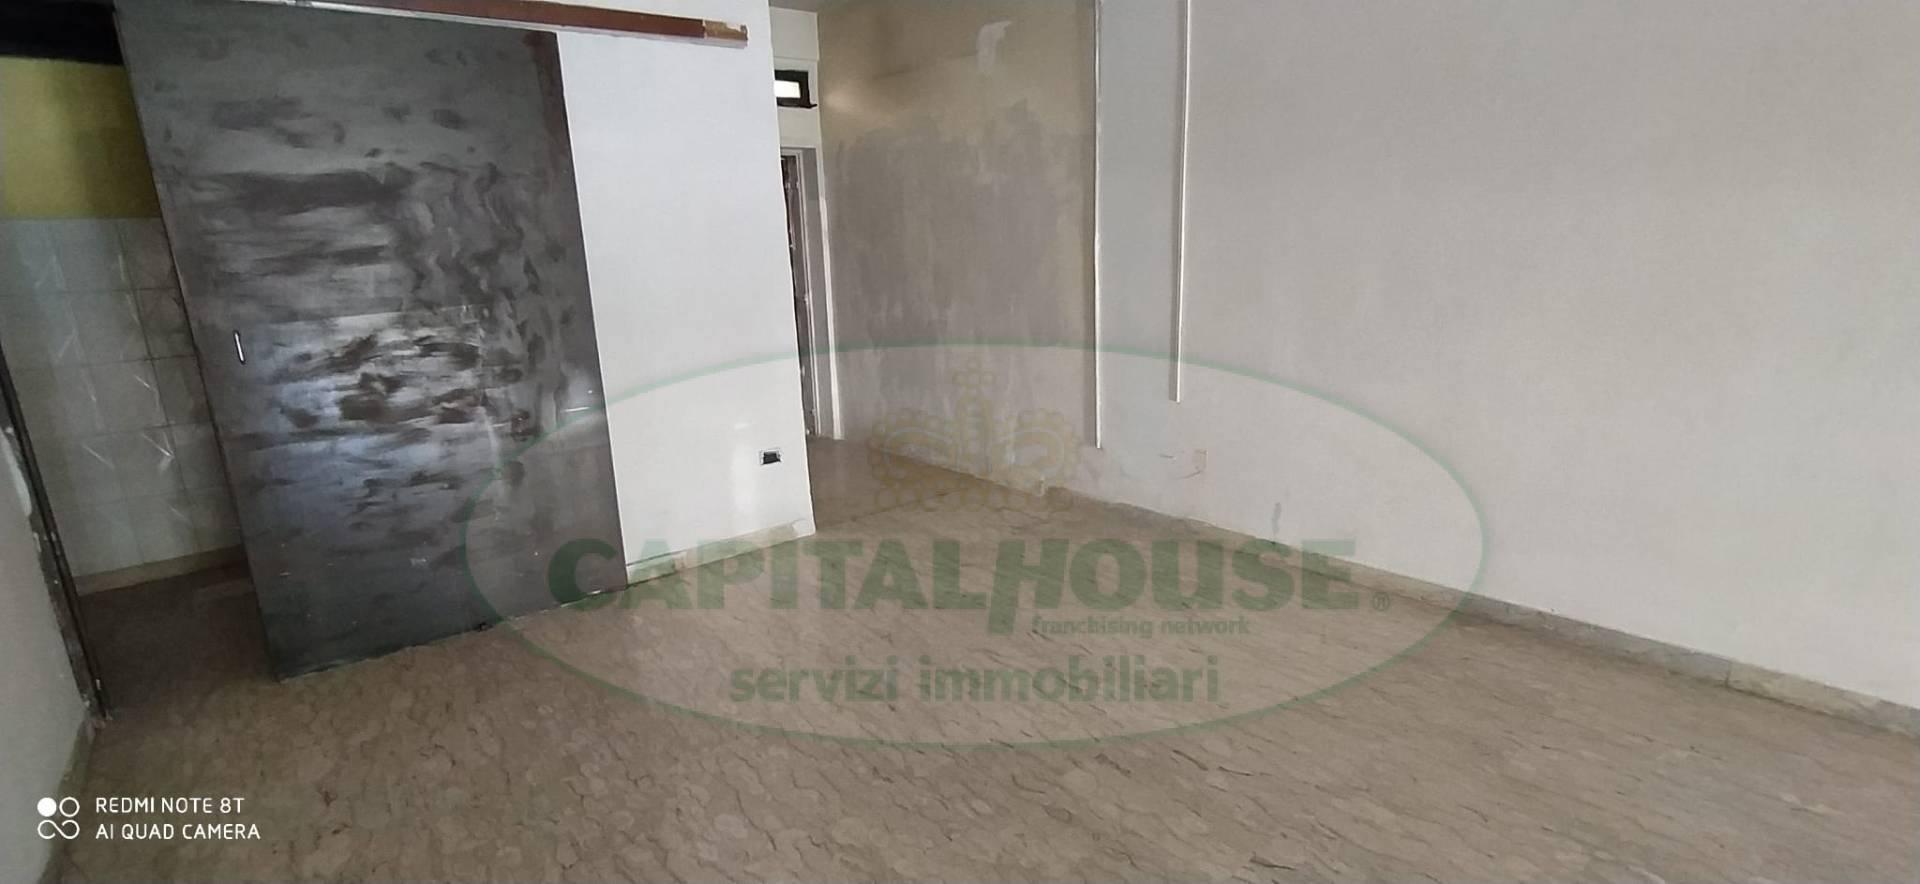 Fondo commerciale in affitto a Centurano, Caserta (CE)